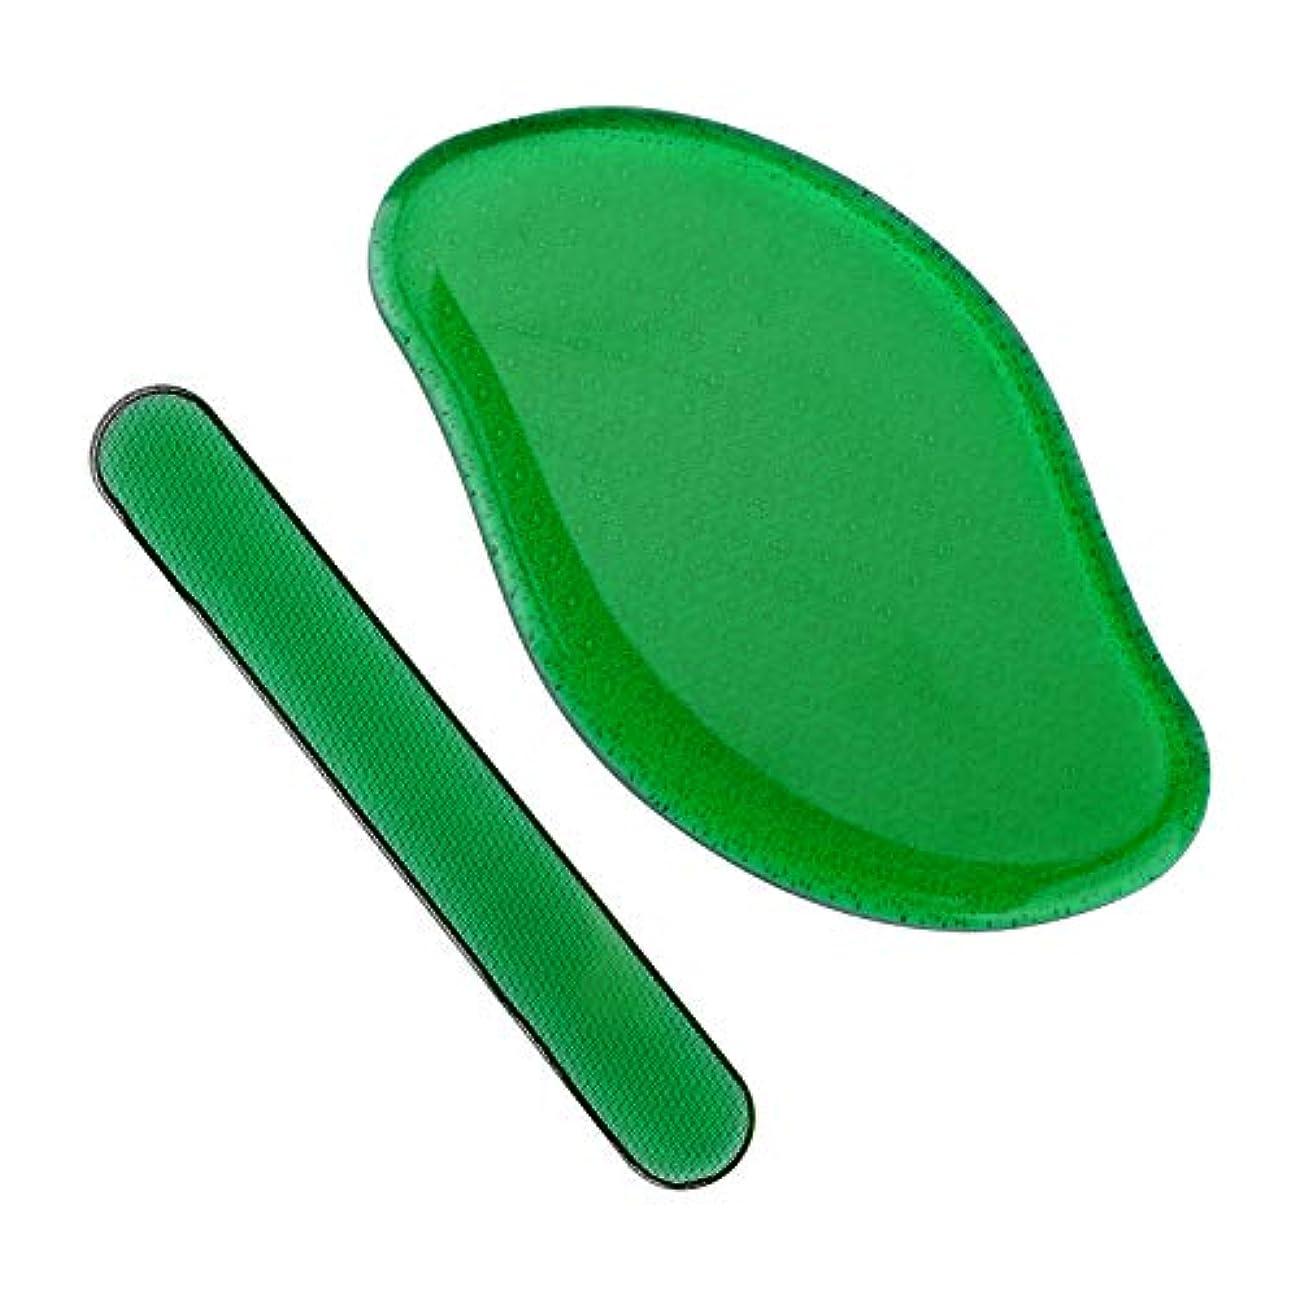 反射超音速フェードShinenail ガラス製 かかと 角質取り かかと削り ガラス 爪磨き付き かかとやすり かかと磨き 角質除去 足 角質ケア ヤスリ 足裏 踵 フットケア 丸洗いOK 爪磨き付き